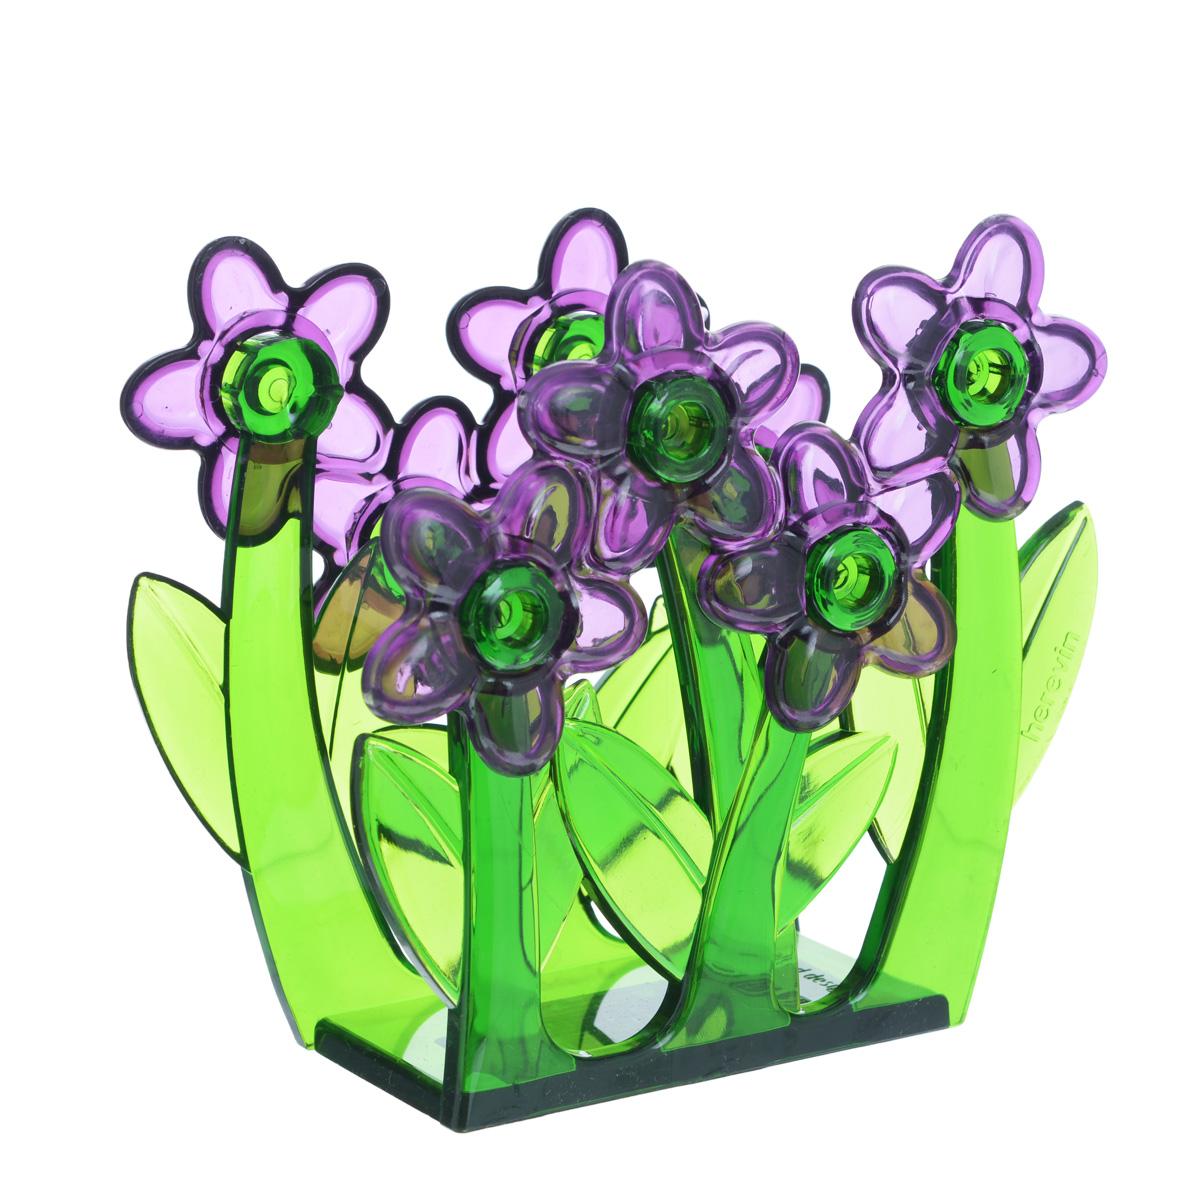 Салфетница Herevin, цвет: фиолетовый161210-000_фиолетовые цветыСалфетница Herevin, изготовленная из высококачественного прочного пластика, оформлена декоративными цветами. Яркий и оригинальный дизайн несомненно придется вам по вкусу. Такая салфетница великолепно украсит праздничный стол.